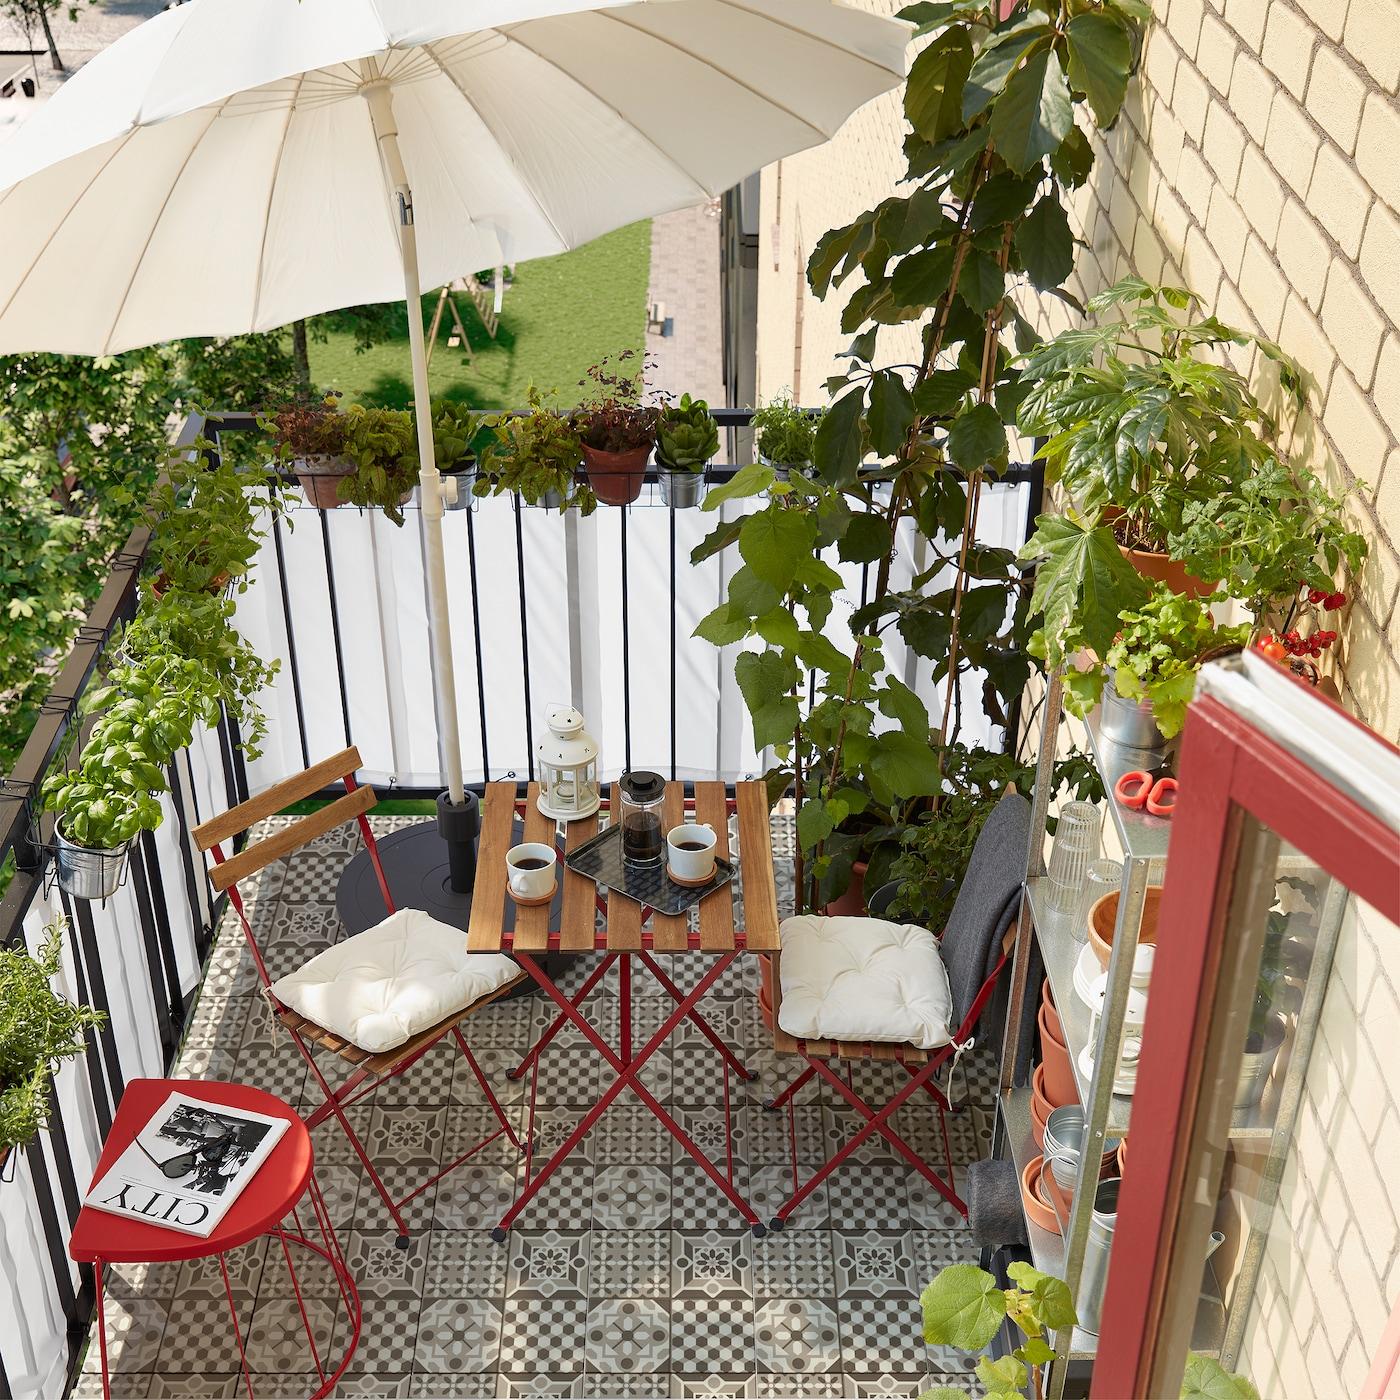 Un piccolo balcone con piante ed erbe aromatiche, uno sgabello rosso, un ombrellone bianco, due sedie e un tavolo pieghevoli - IKEA